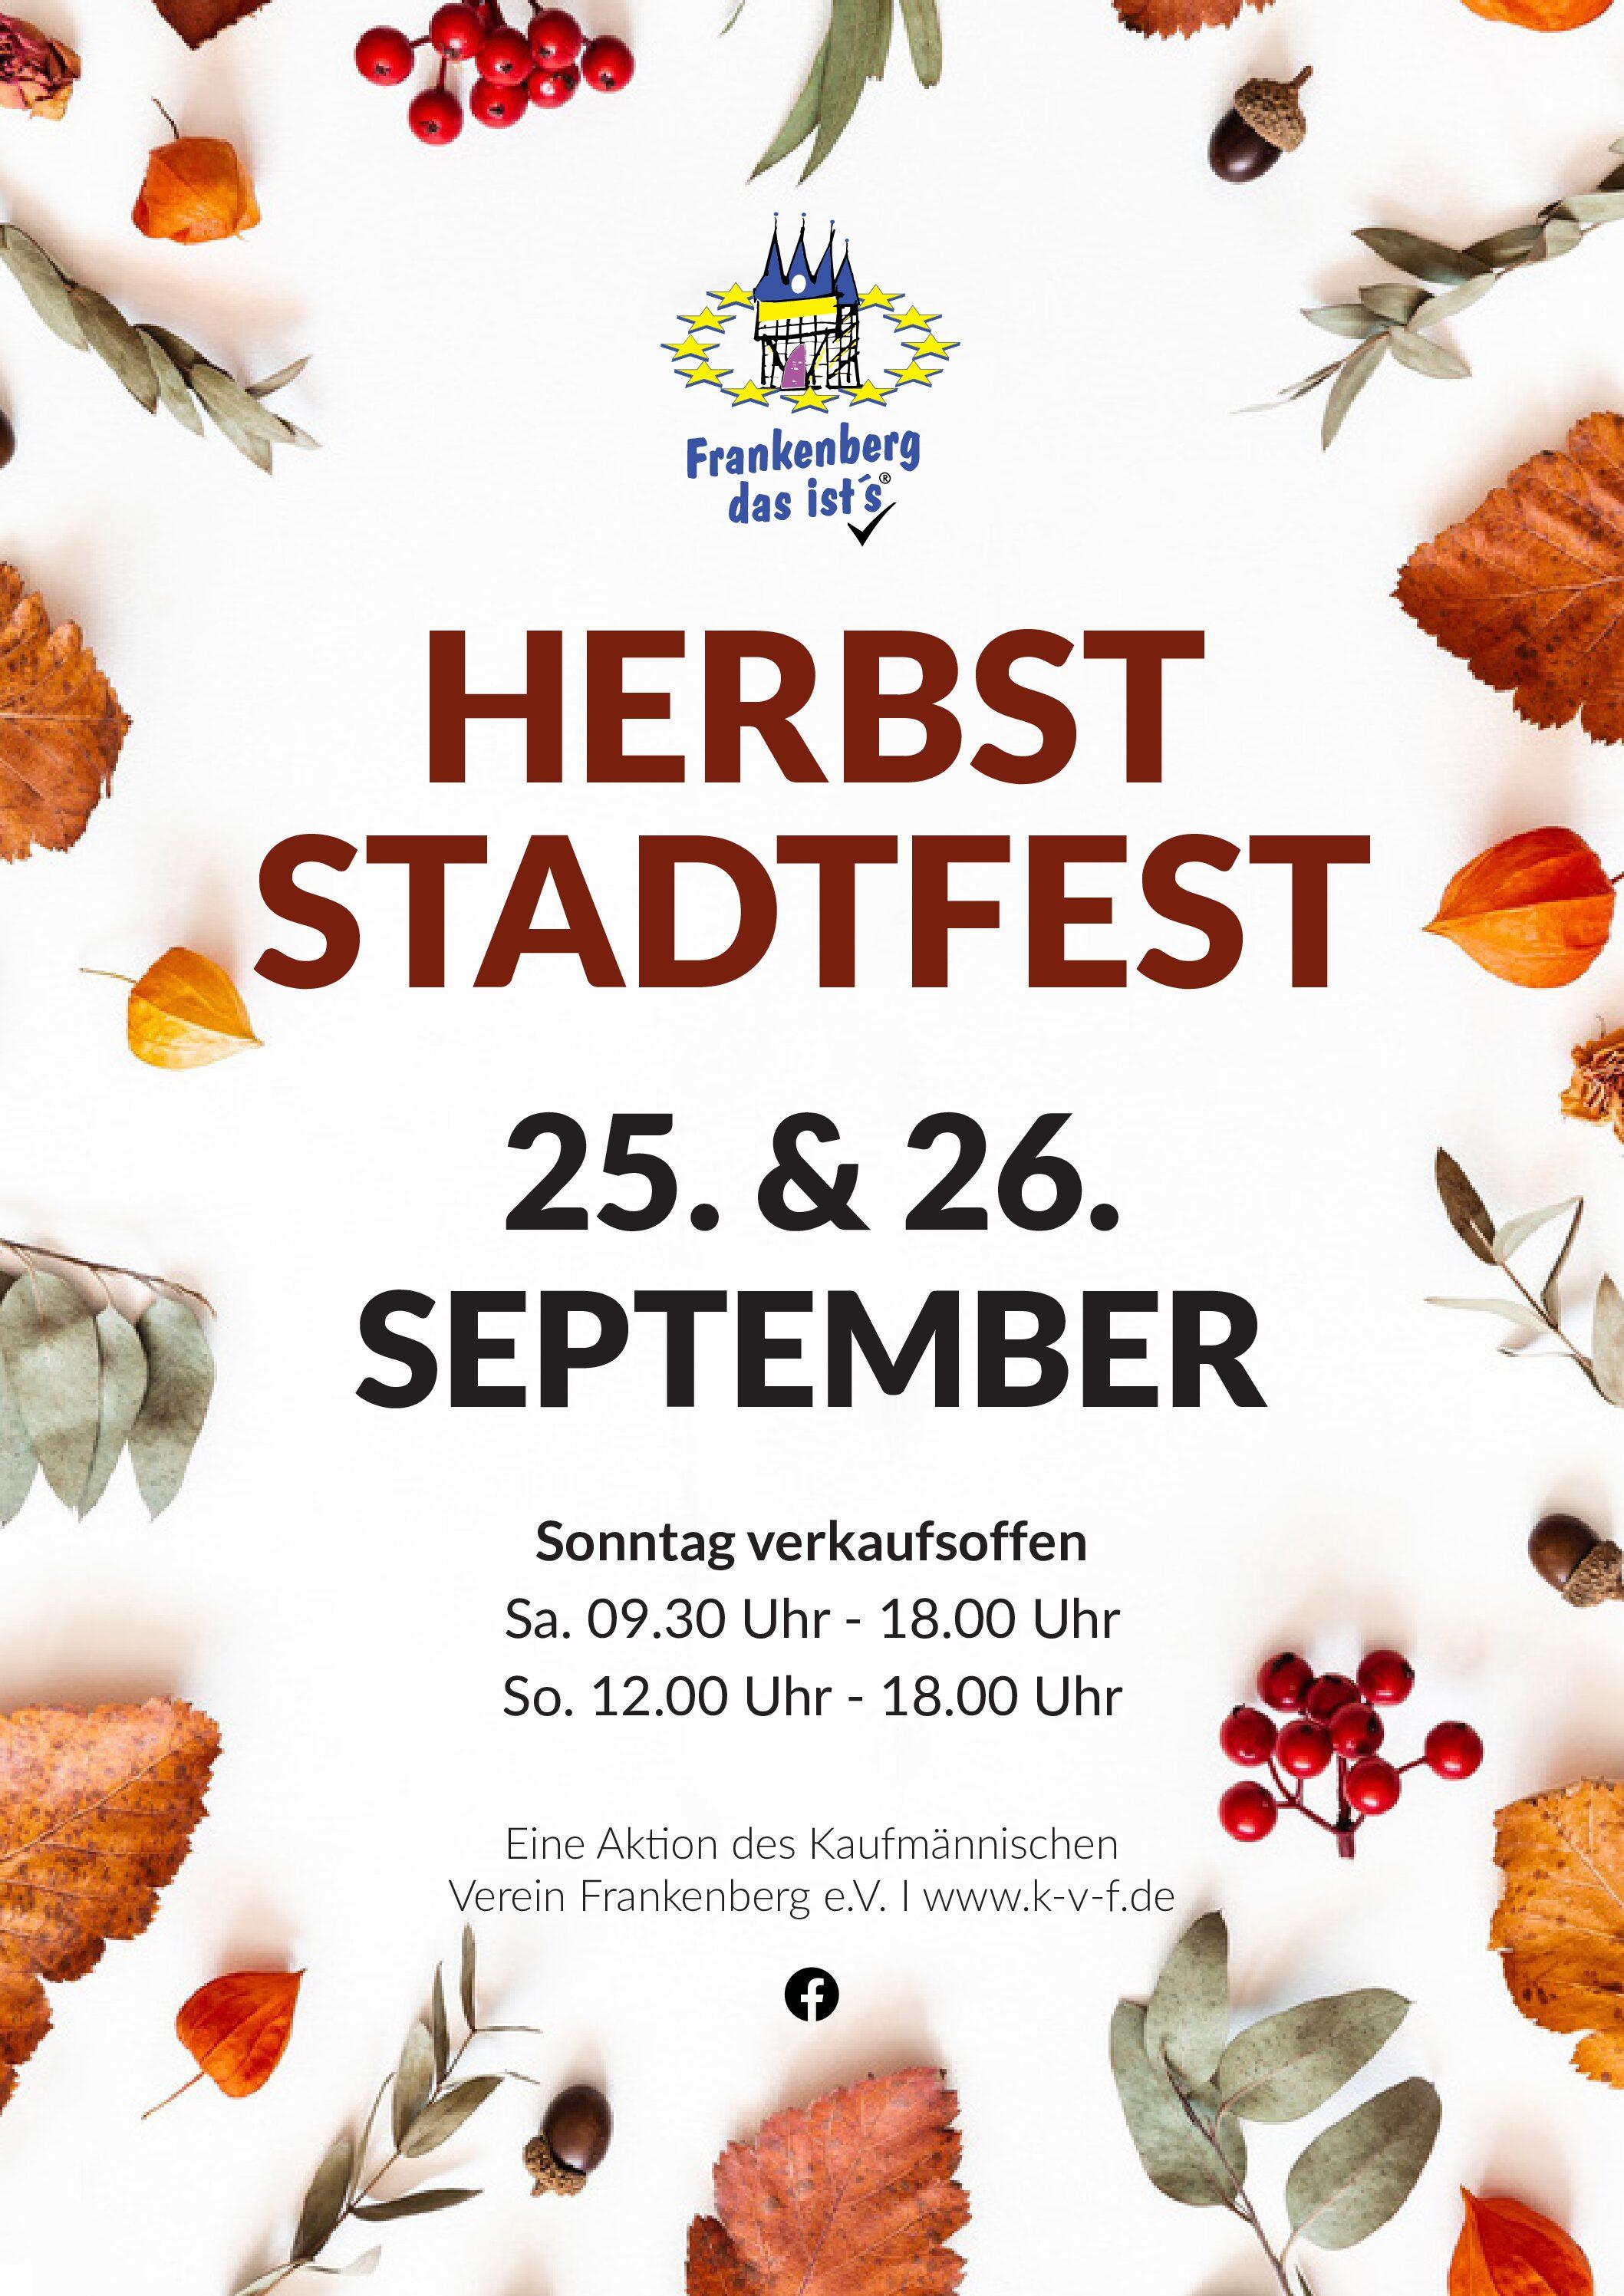 Herbststadtfest 2021